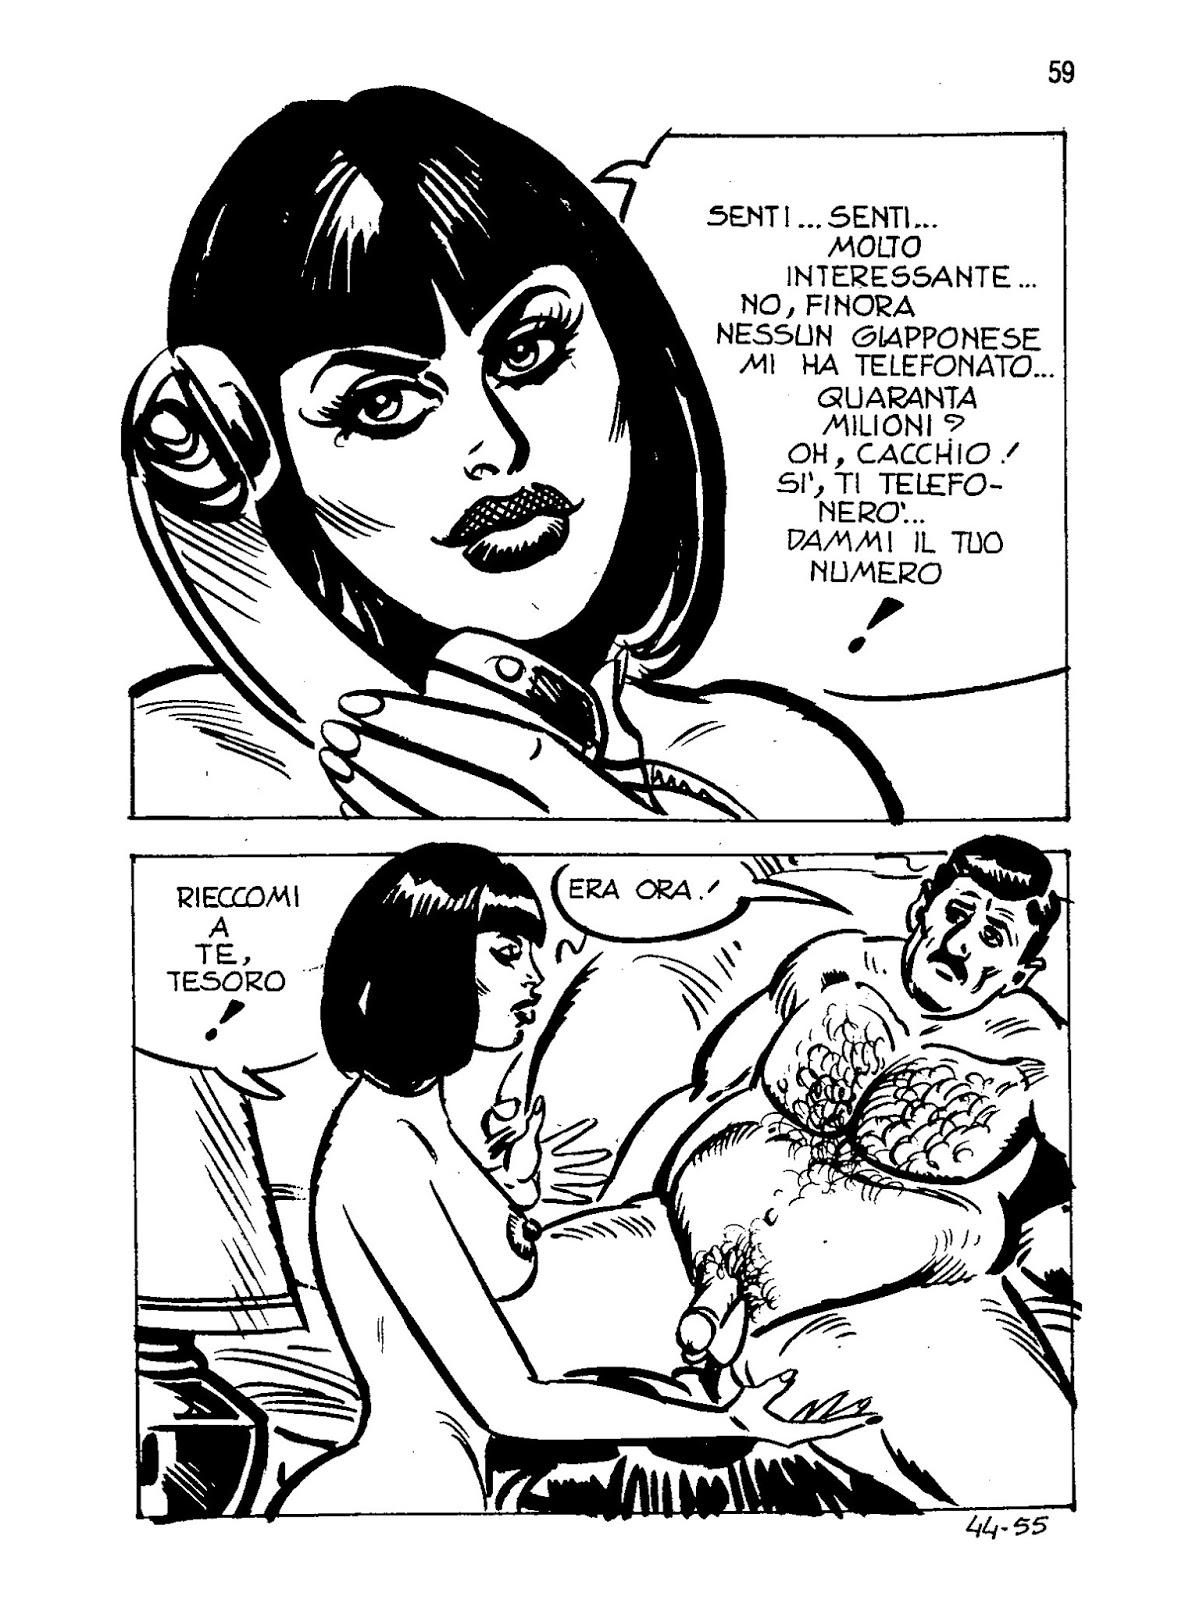 fantasie sessuali da fare erotico anni 80